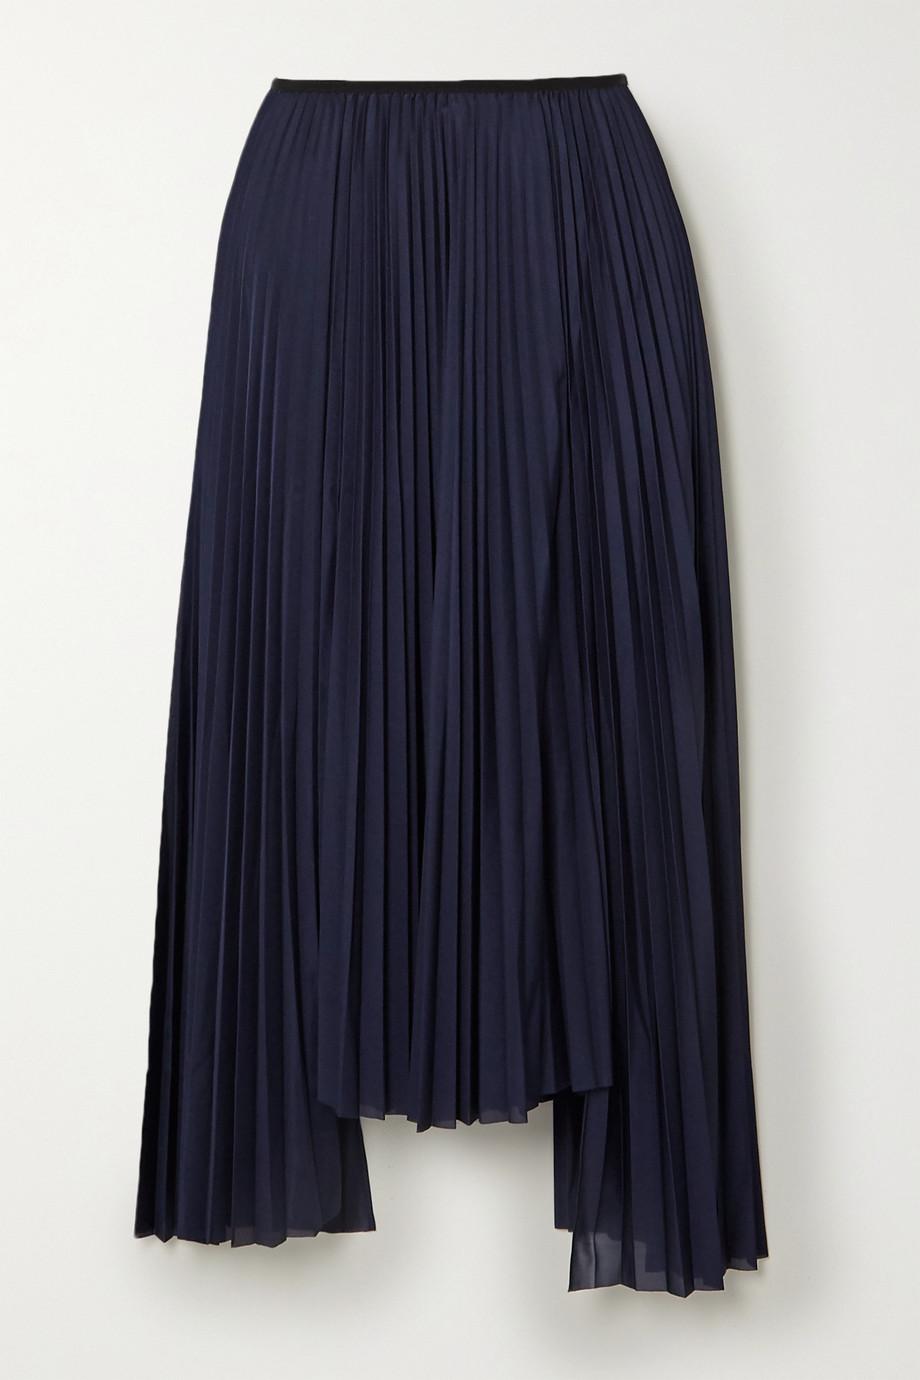 Helmut Lang Jupe midi asymétrique plissée en jersey